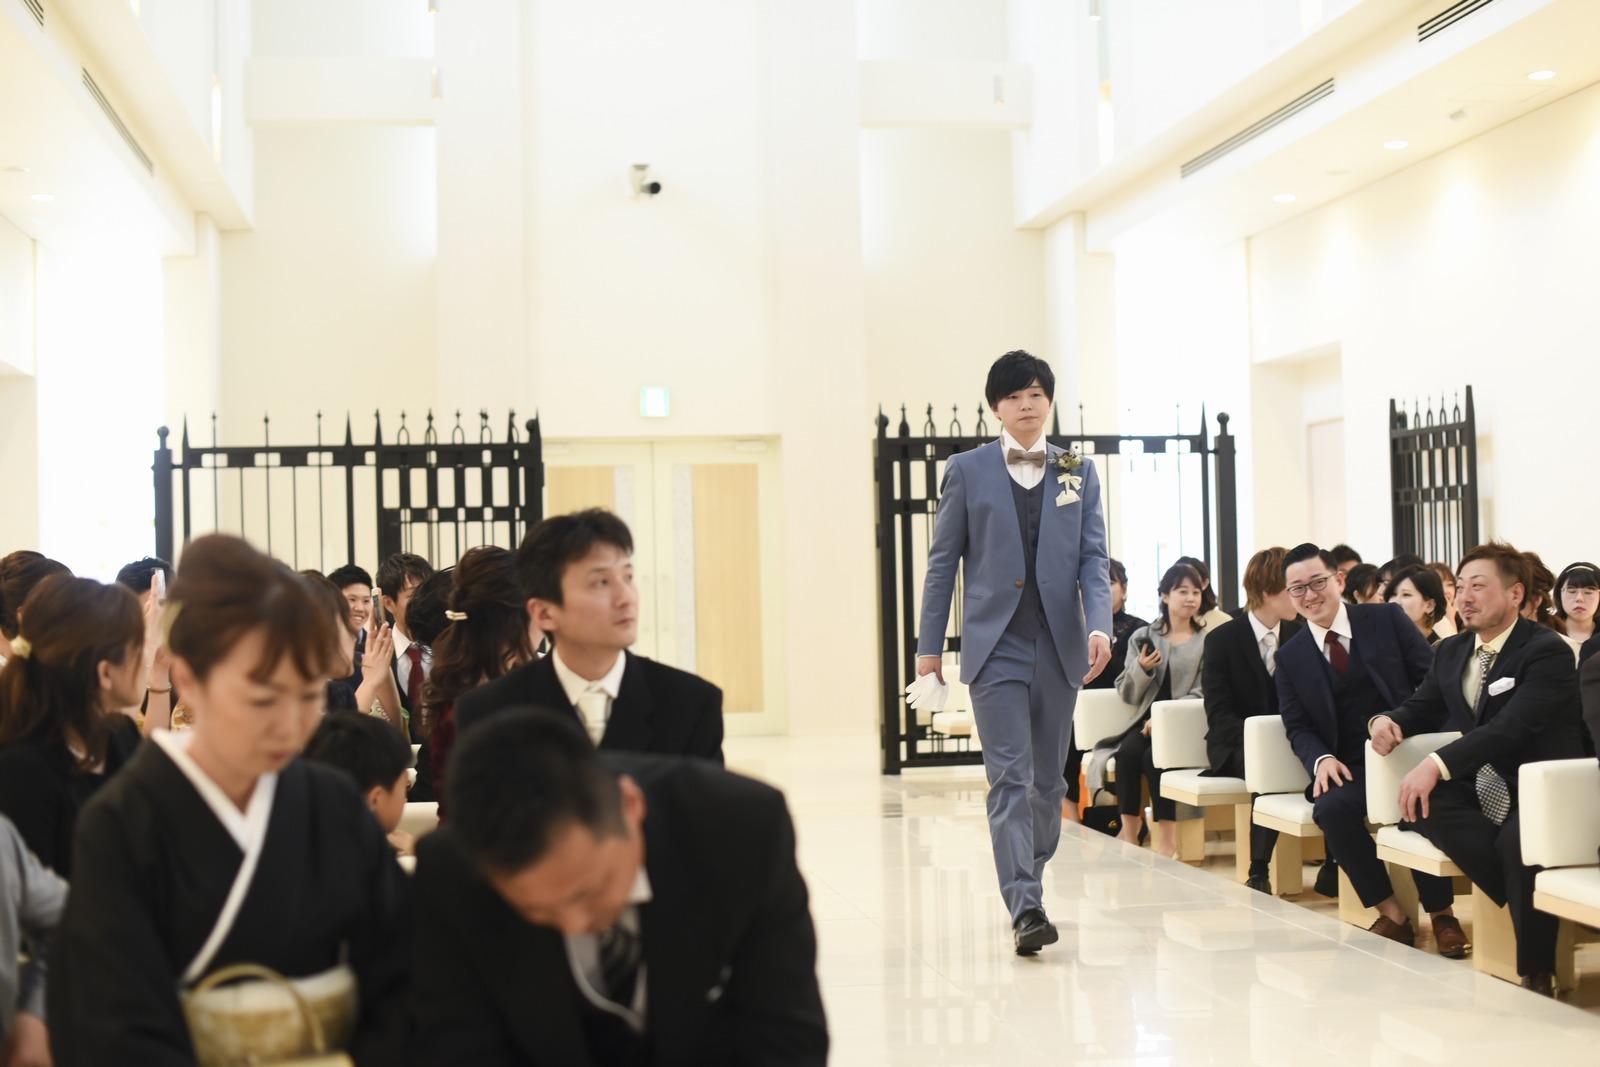 徳島市の結婚式場ブランアンジュの挙式セレモニーのスタートは新郎様の入場から